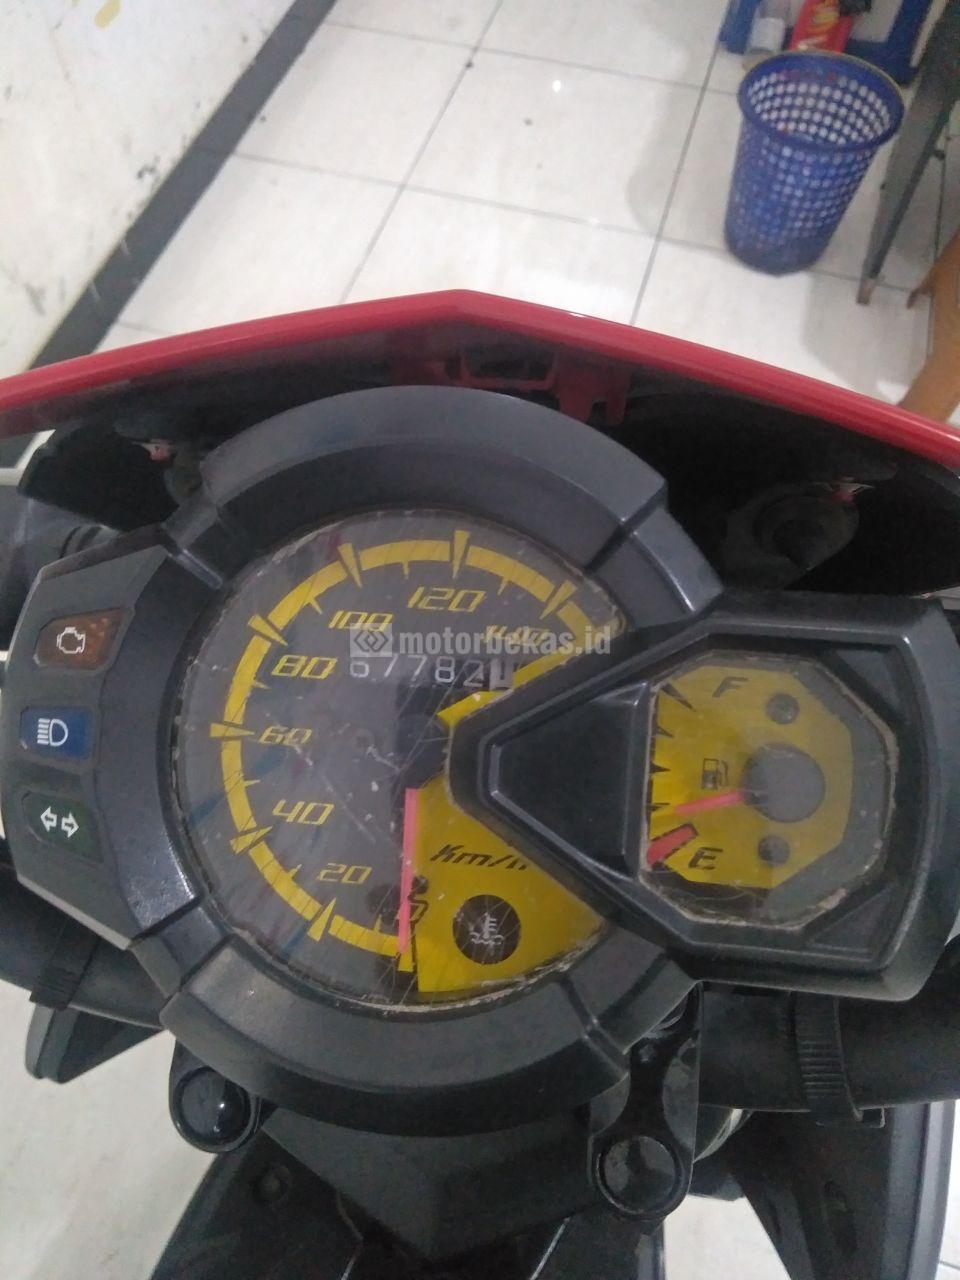 YAMAHA AEROX 125  3115 motorbekas.id